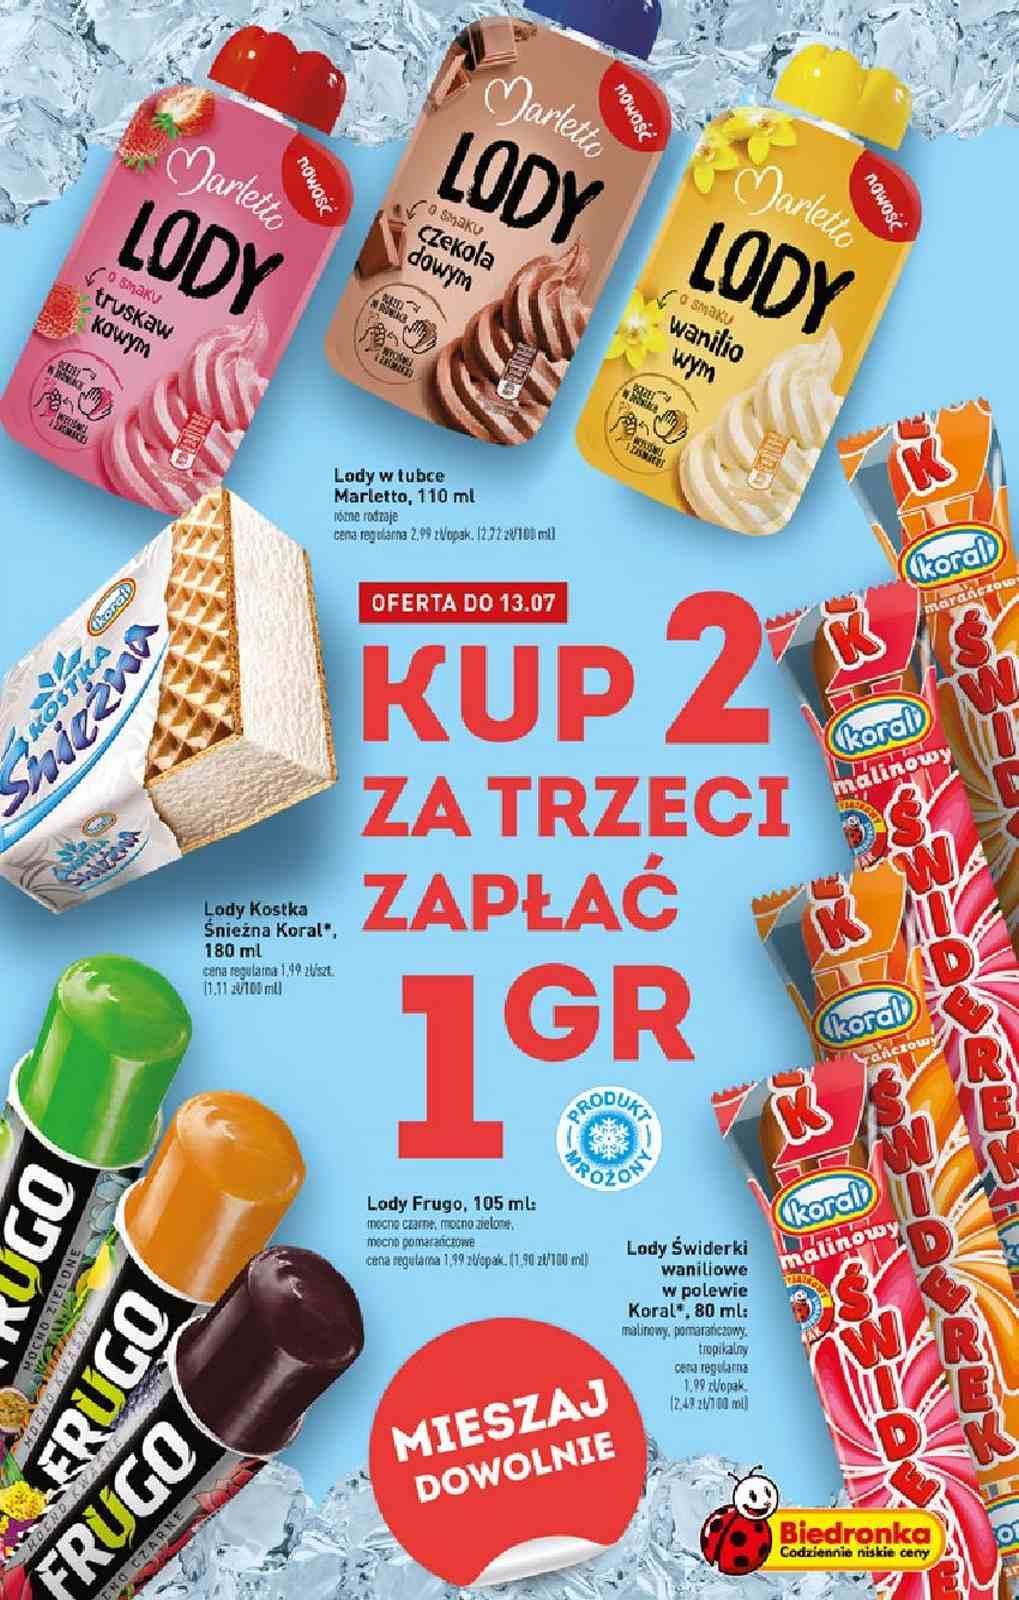 Gazetka promocyjna Biedronka do 17/07/2019 str.28